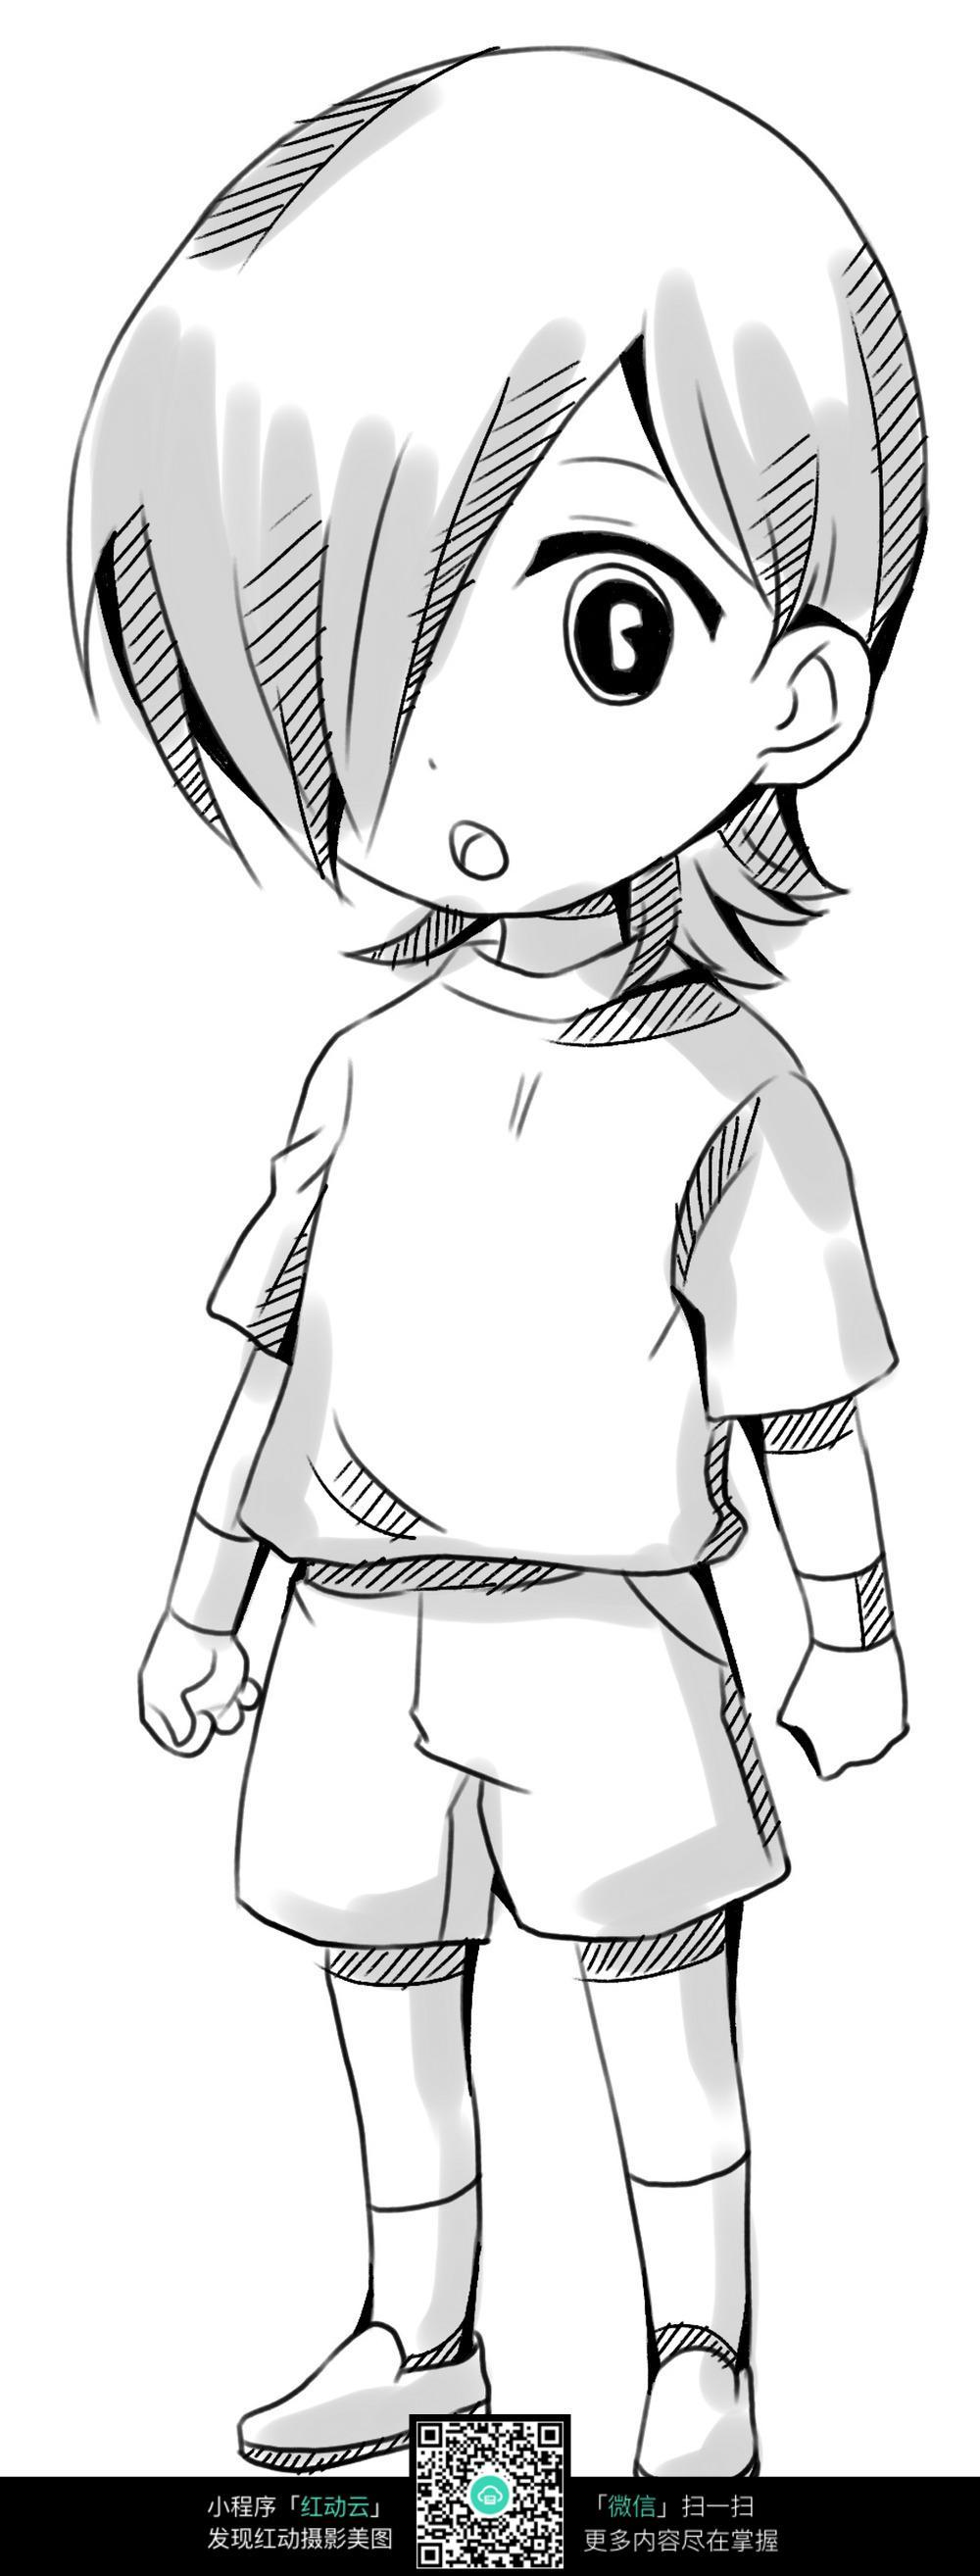 卡通男孩手绘线稿图片